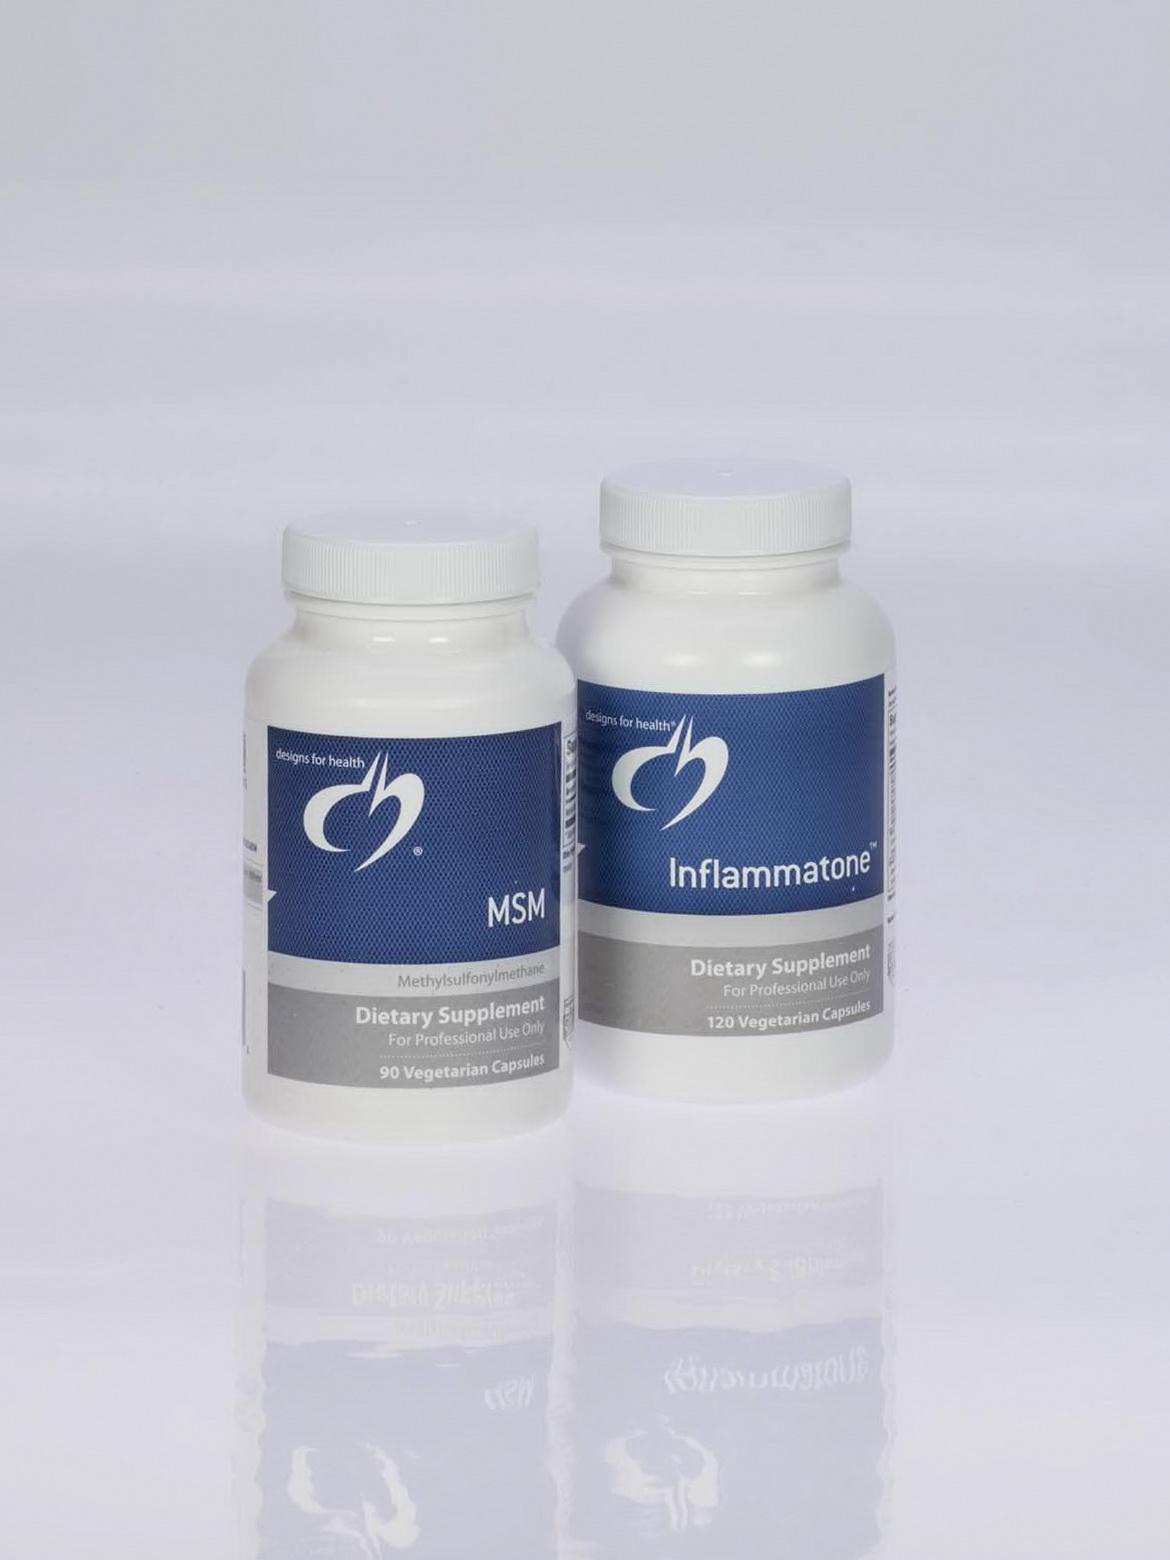 Inflammation MSM, Inflammatone.jpg